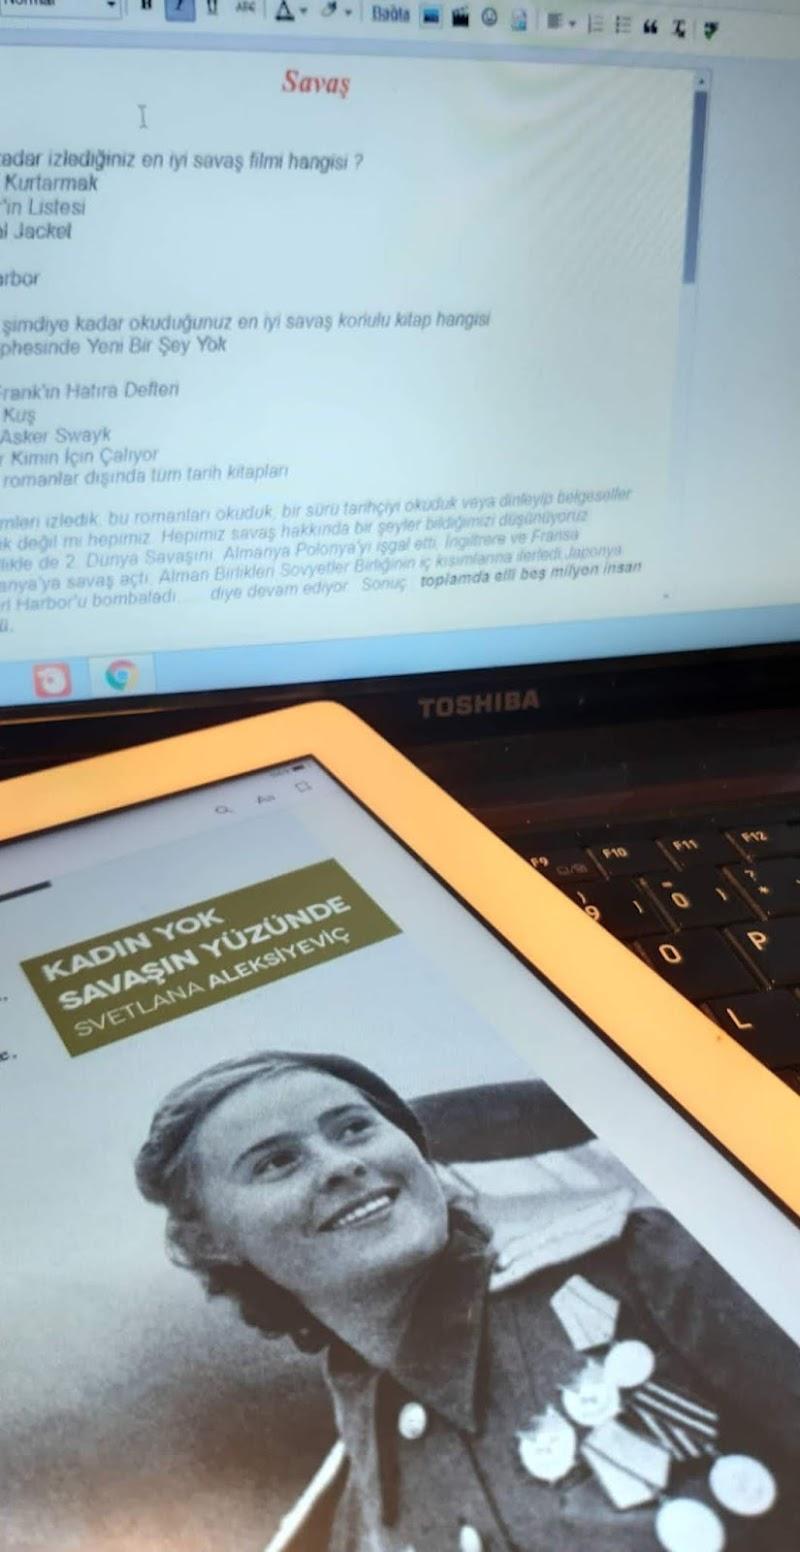 Kadın Yok Savaşın  Yüzünde - Svetlana Aleksiyevic - Kitap Yorumu